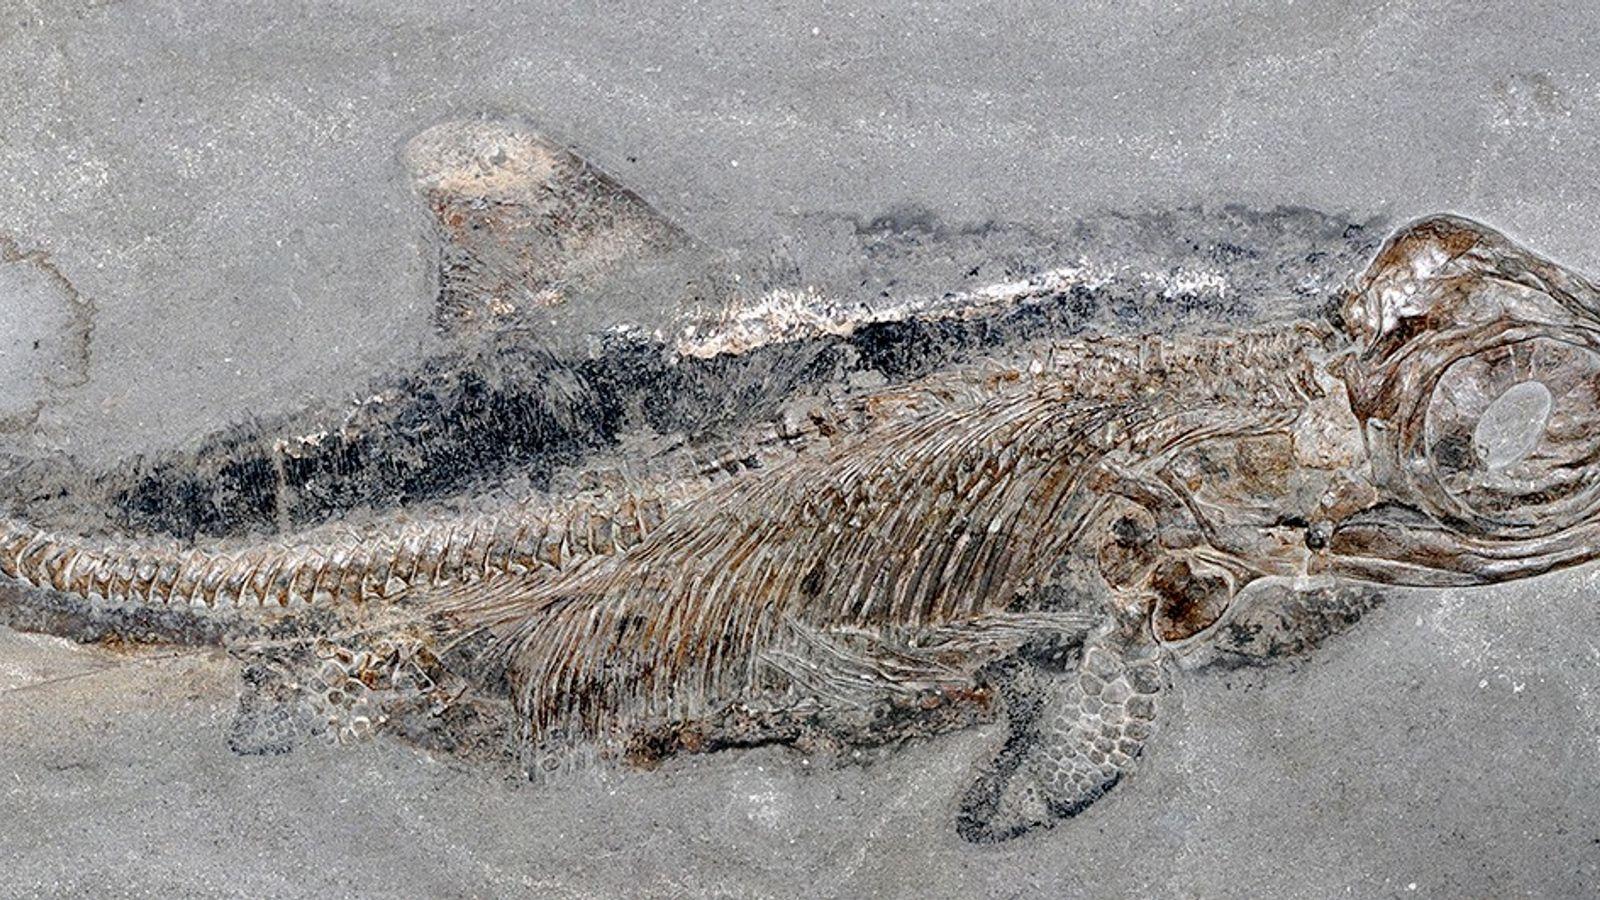 As pedreiras de folhelho em Holzmaden, Alemanha, revelaram inúmeros fósseis marinhos de 180 milhões de anos, ...